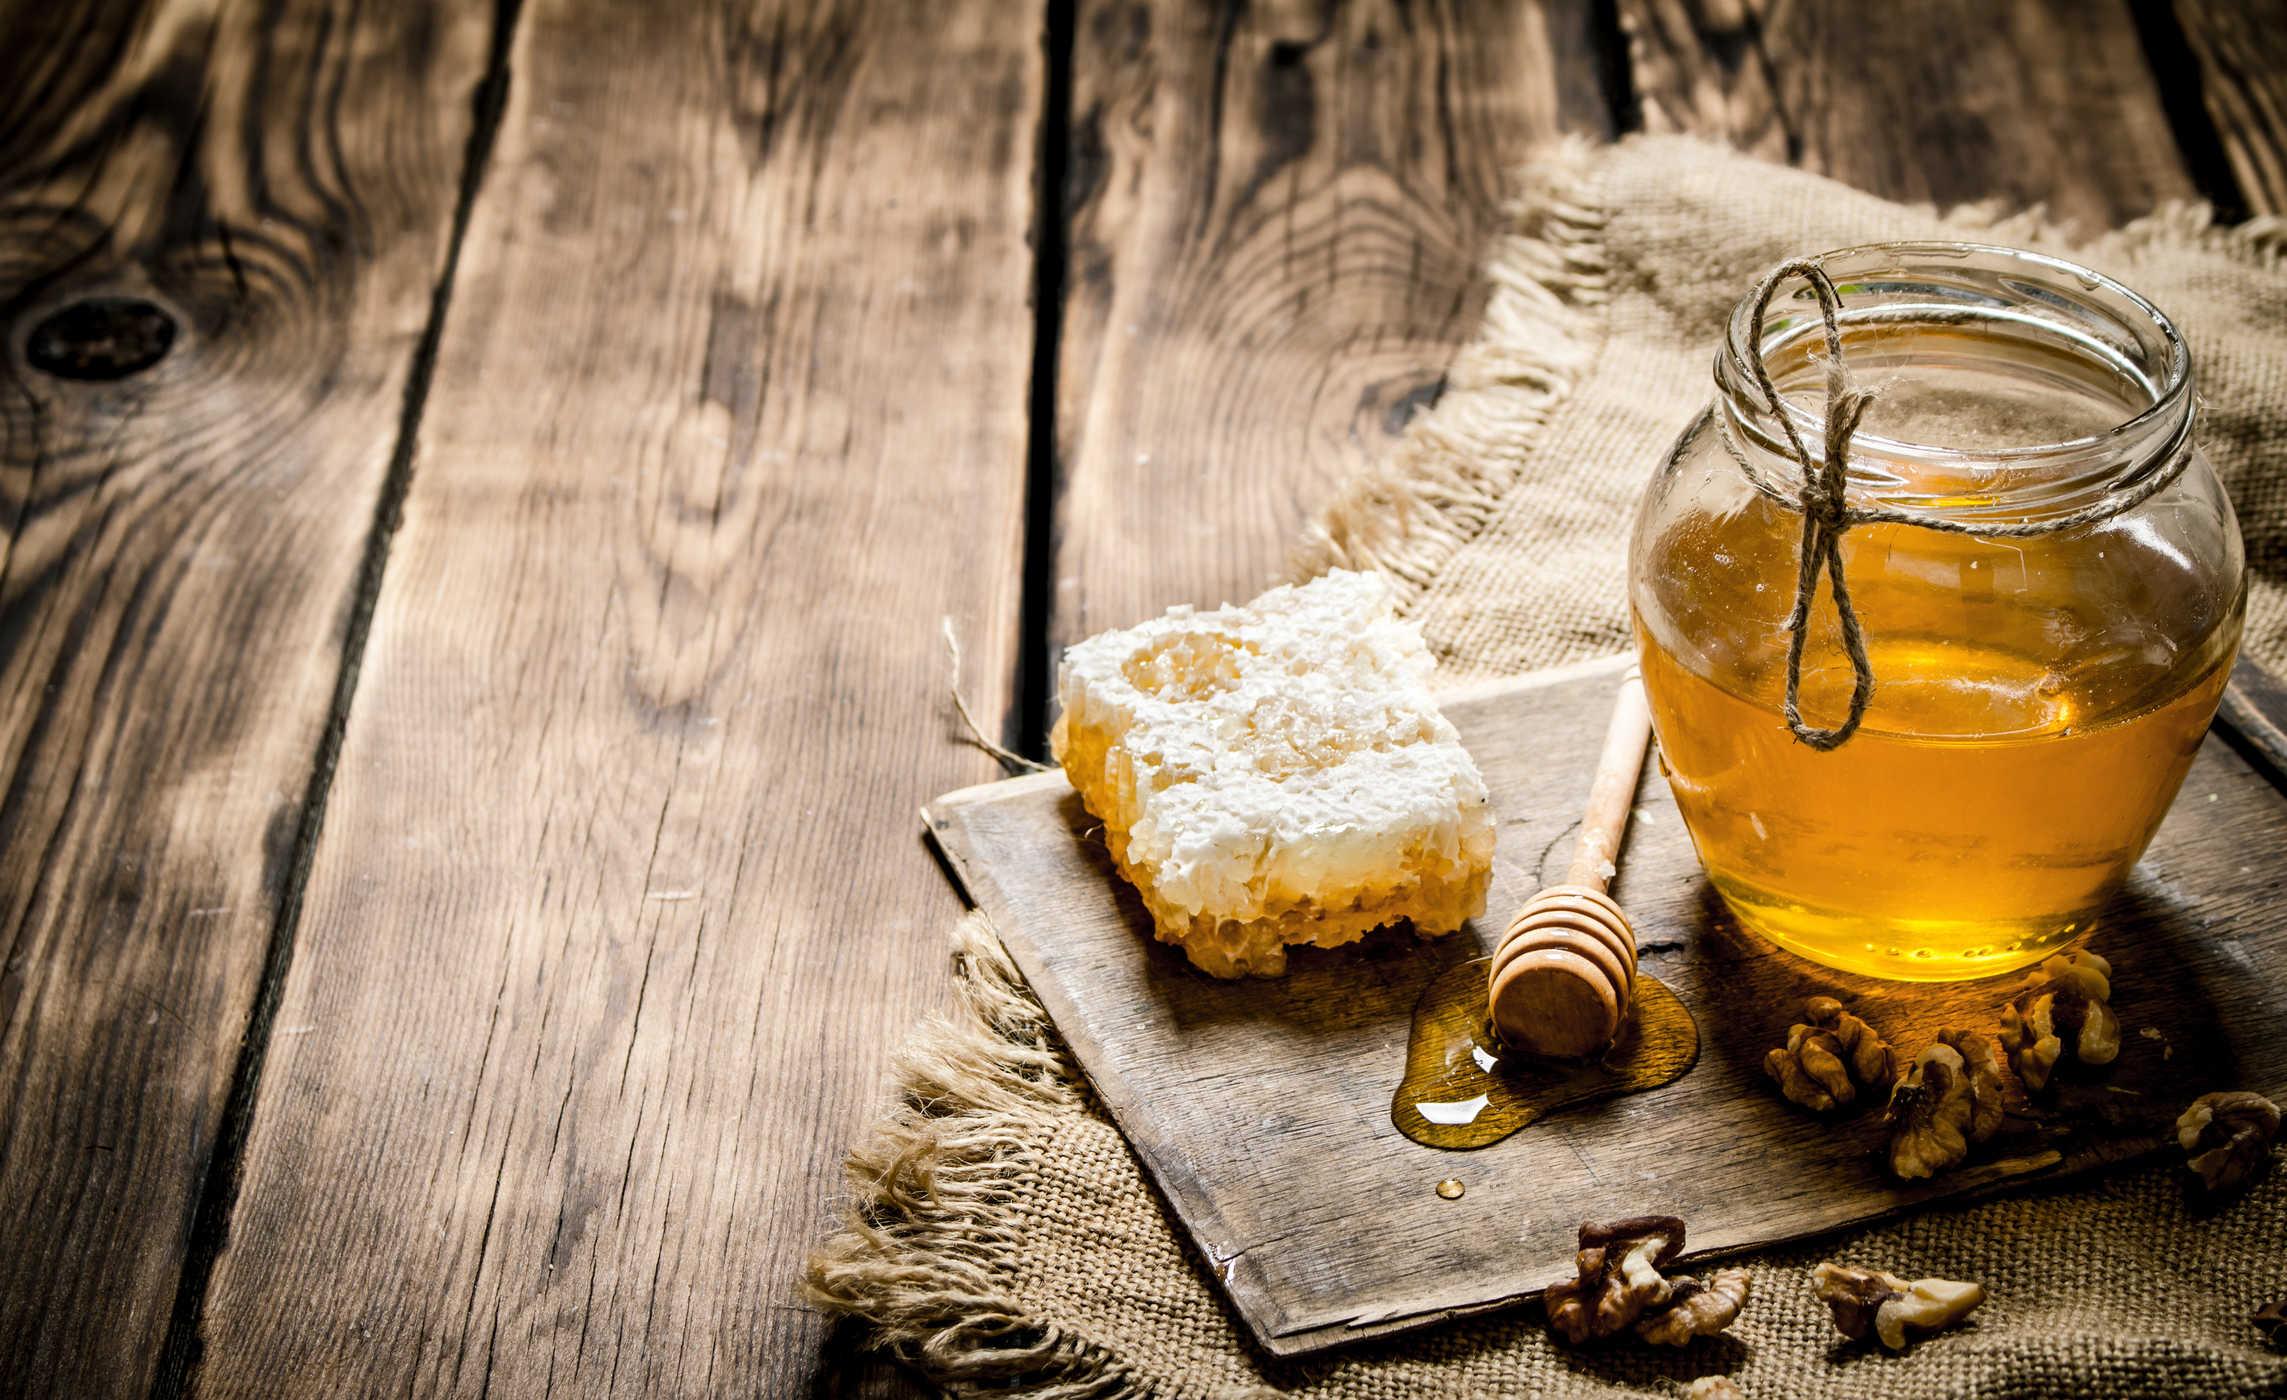 Bạn sẽ ngạc nhiên với những công dụng làm đẹp của mật ong